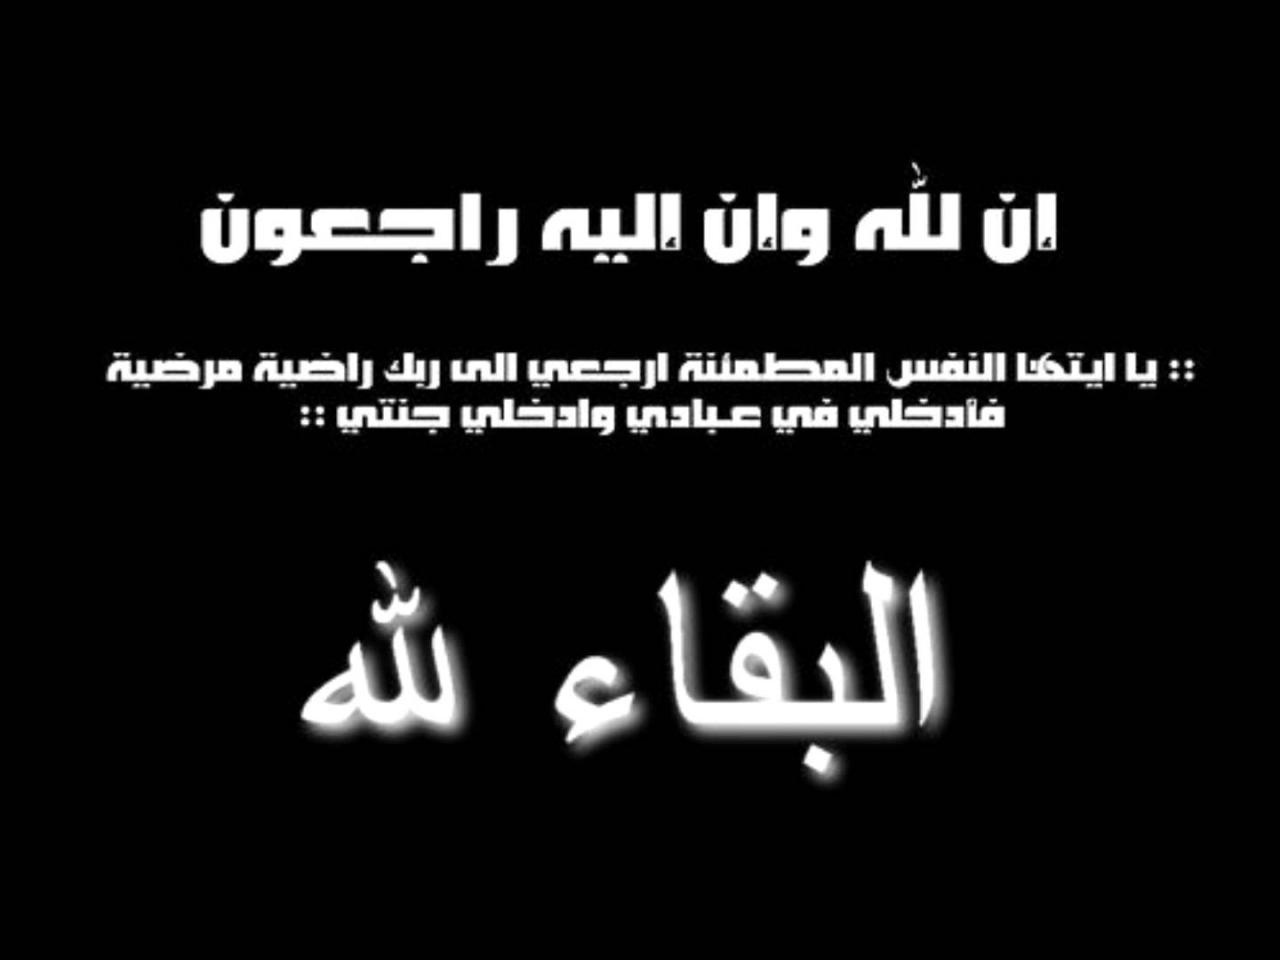 صورة ان لله وان اليه راجعون دعاء , ادعيه لموتنا و موتي المسلمين 1778 1